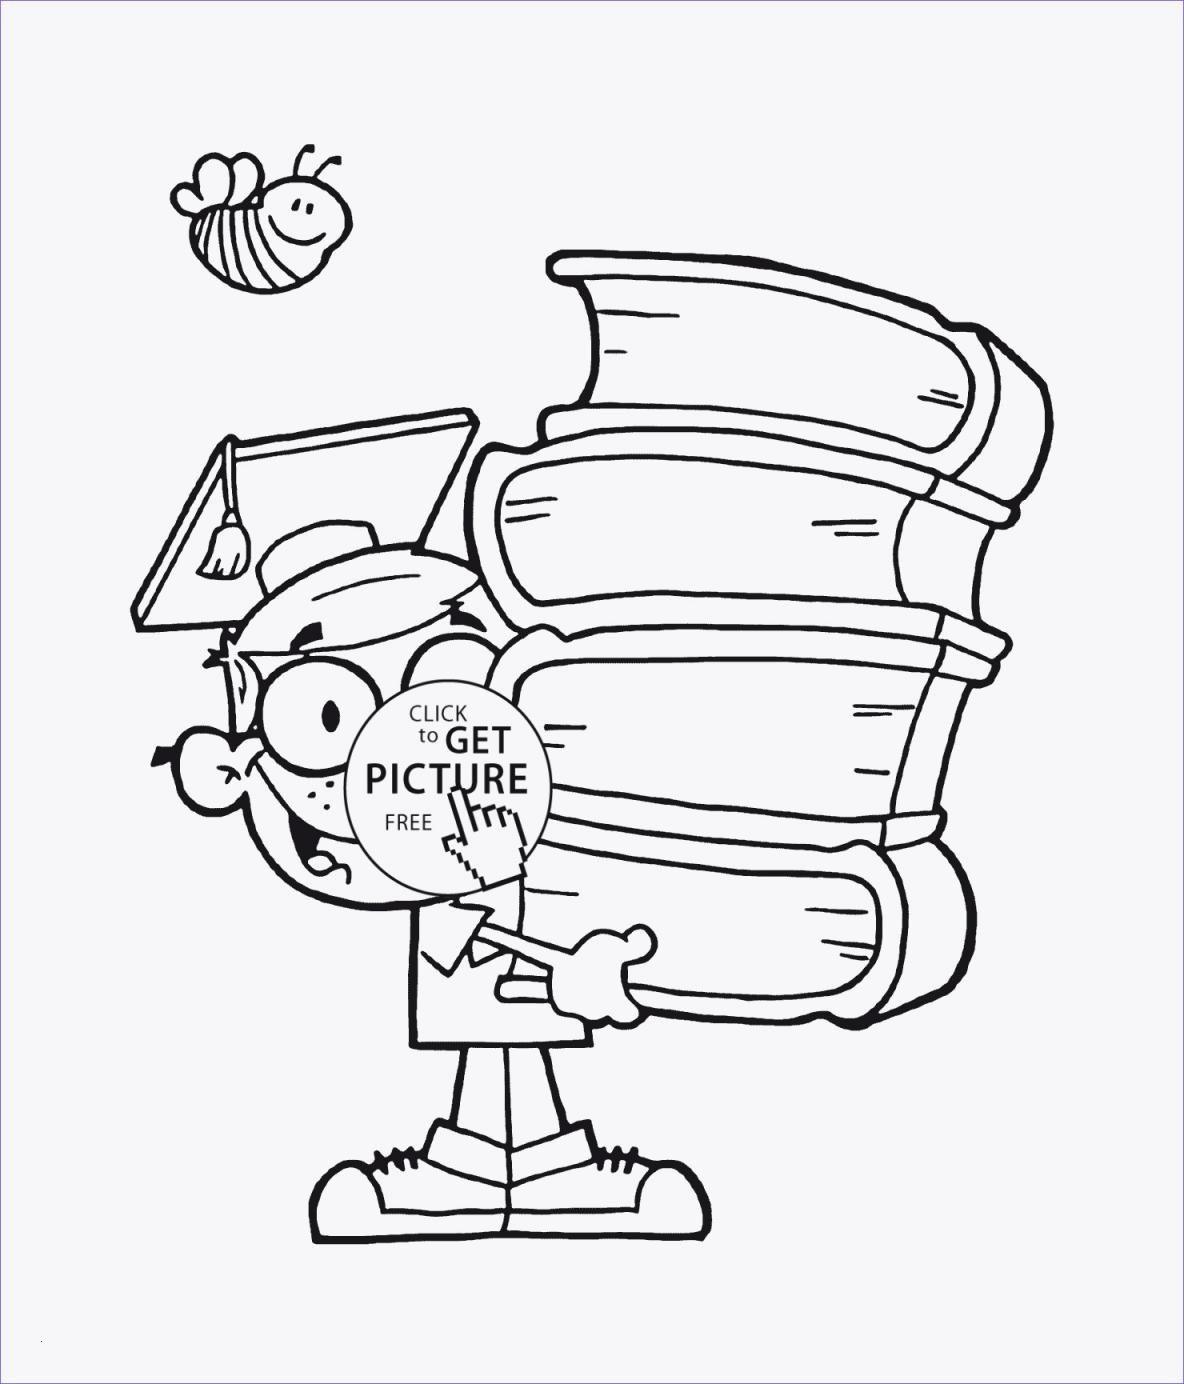 Mini Maus Ausmalbilder Neu 40 Neu Kostenlose Malvorlagen Kinder Mickeycarrollmunchkin Sammlung